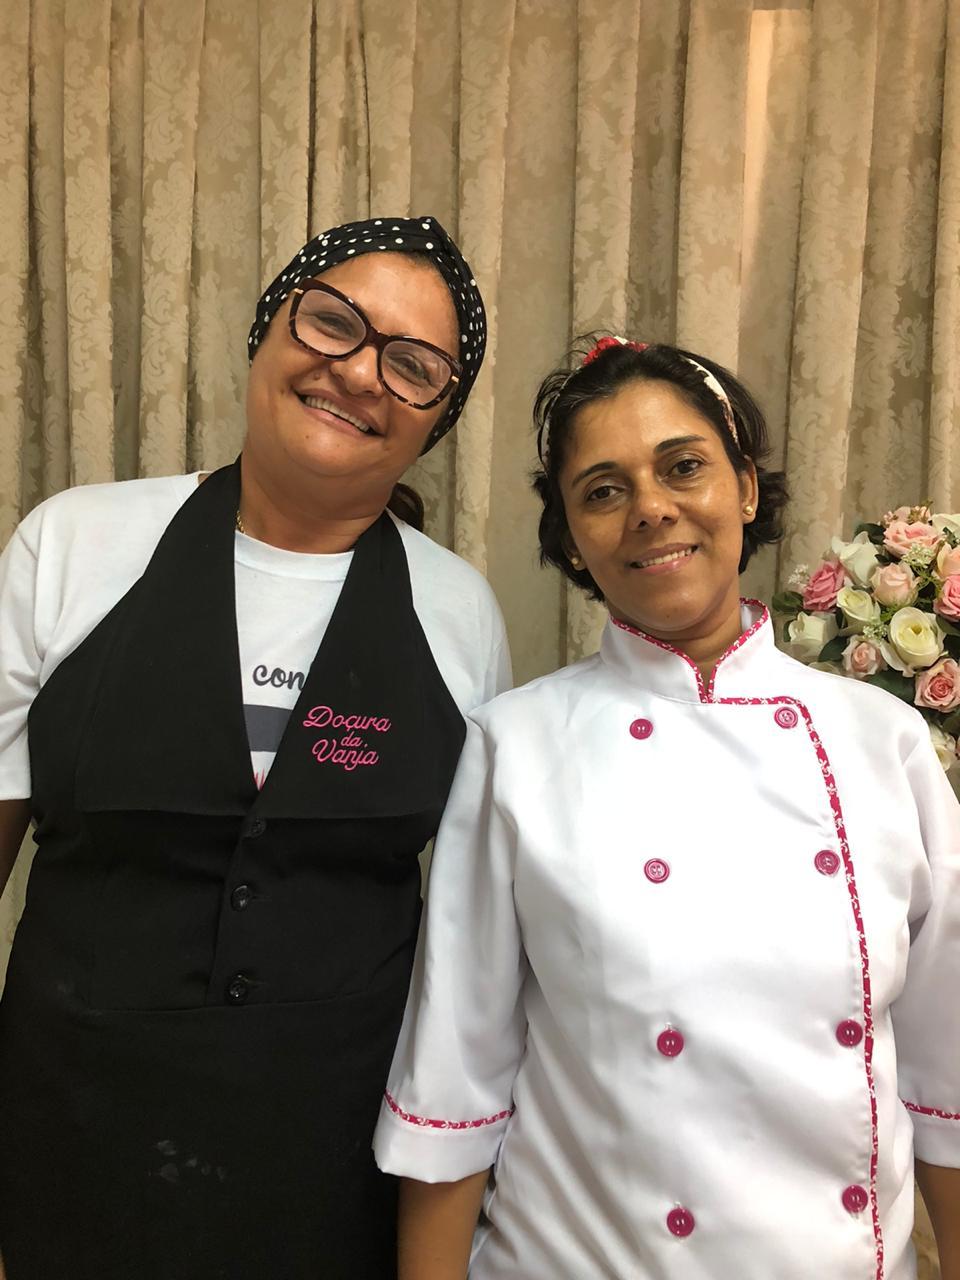 CURSO 13 NOV as 8;30h às 12:00 h - CURSO DE PÃO METRO,ROSCA NATALINA E PANETONE  Culinarista Solange e Vanja